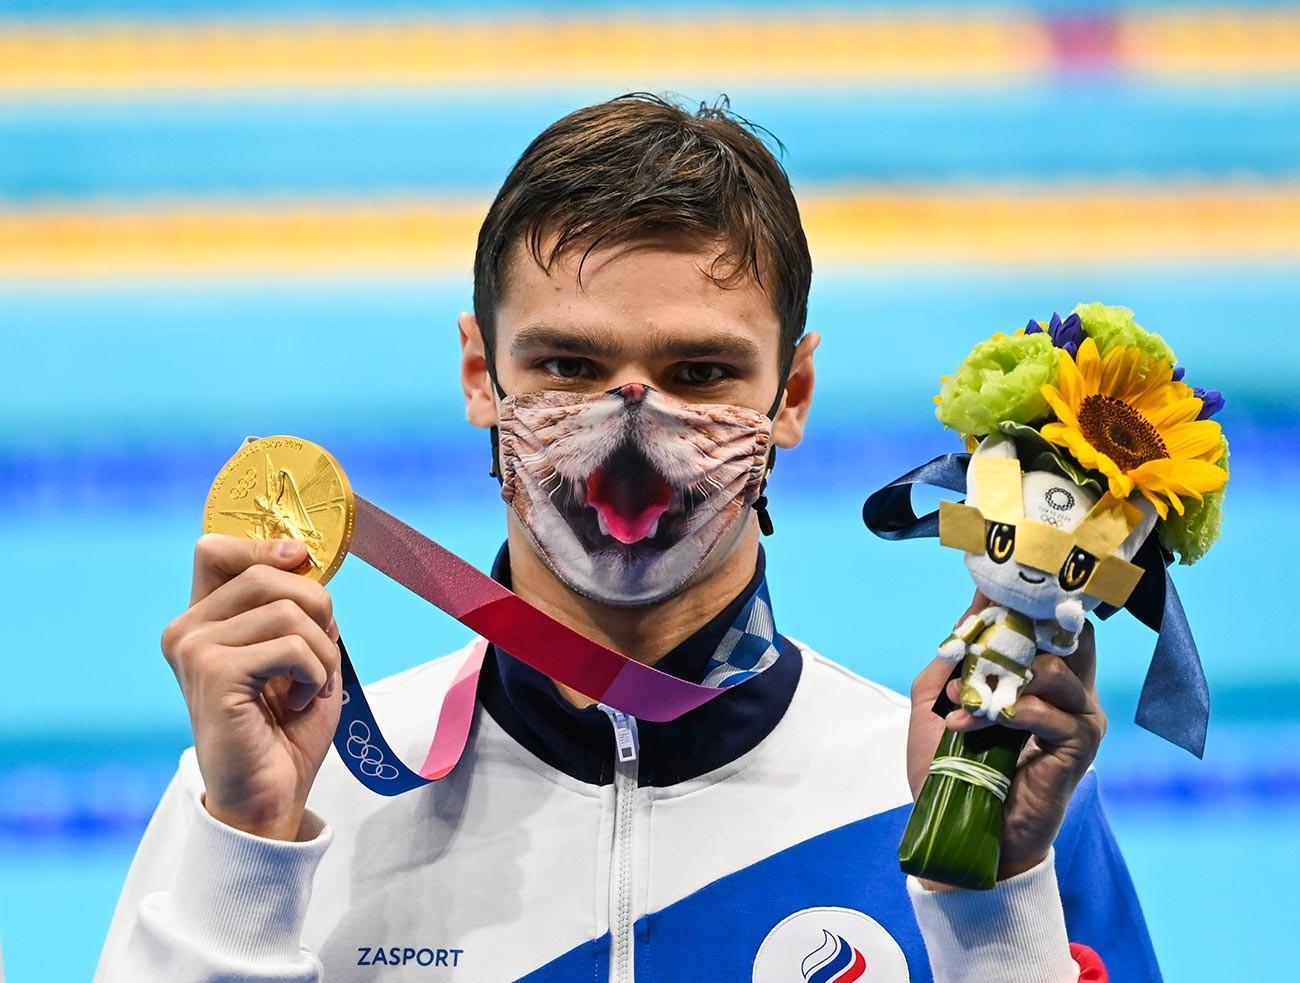 Евгений Рылов позирует с золотой медалью в финале мужского заплыва на 200 метров на спине